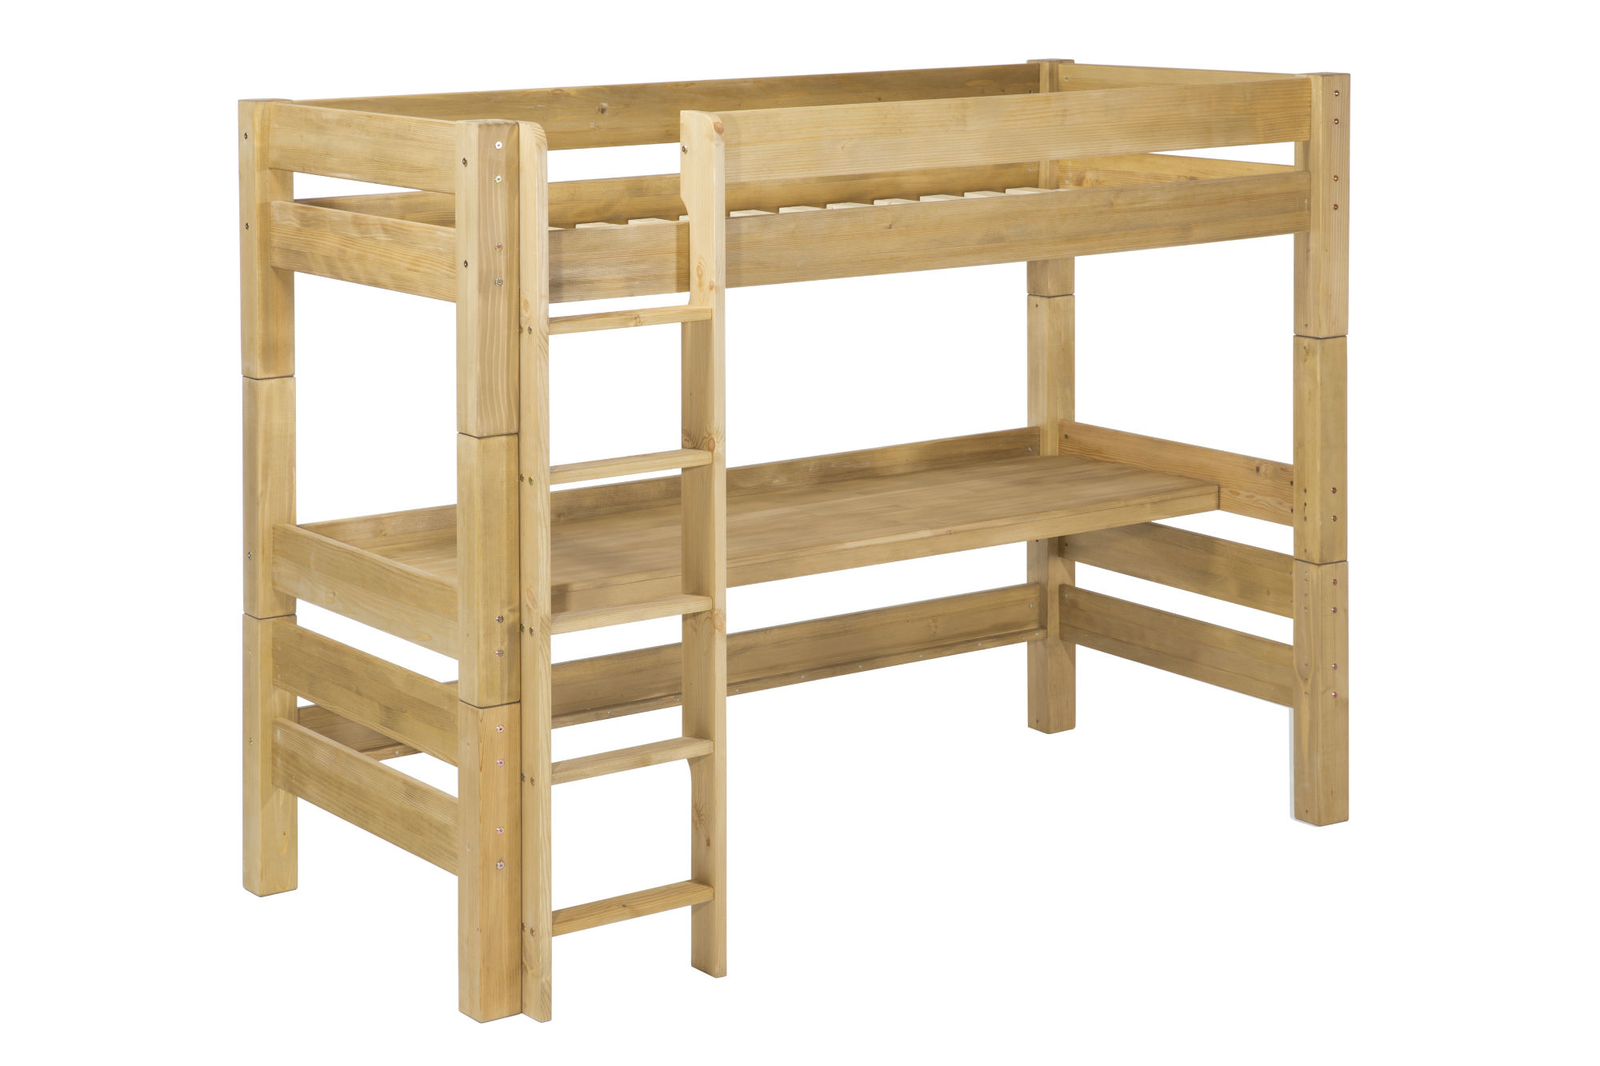 kinderzimmer hochbett mit schreibtisch von moby g nstig. Black Bedroom Furniture Sets. Home Design Ideas